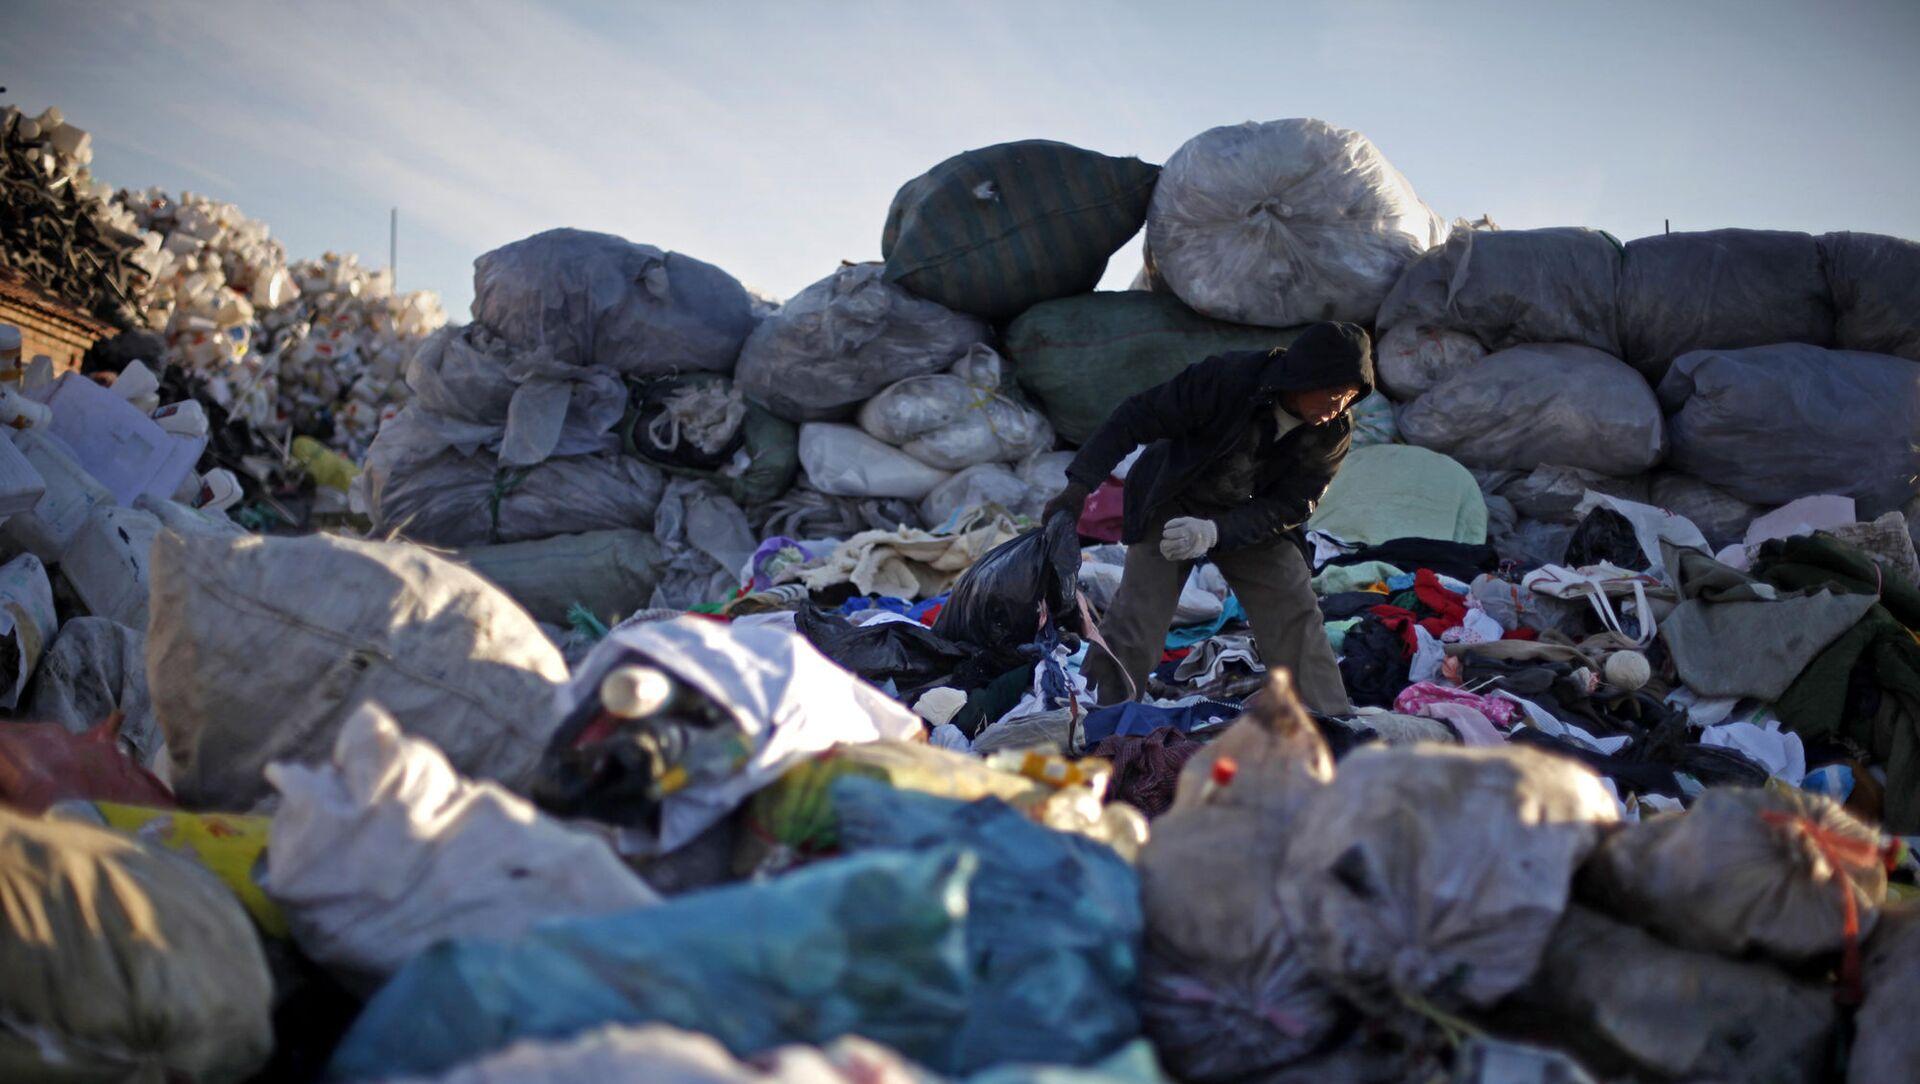 Un hombre chino revisa la ropa desechada en un centro de reciclaje en Pekín, China. - Sputnik Mundo, 1920, 28.10.2020